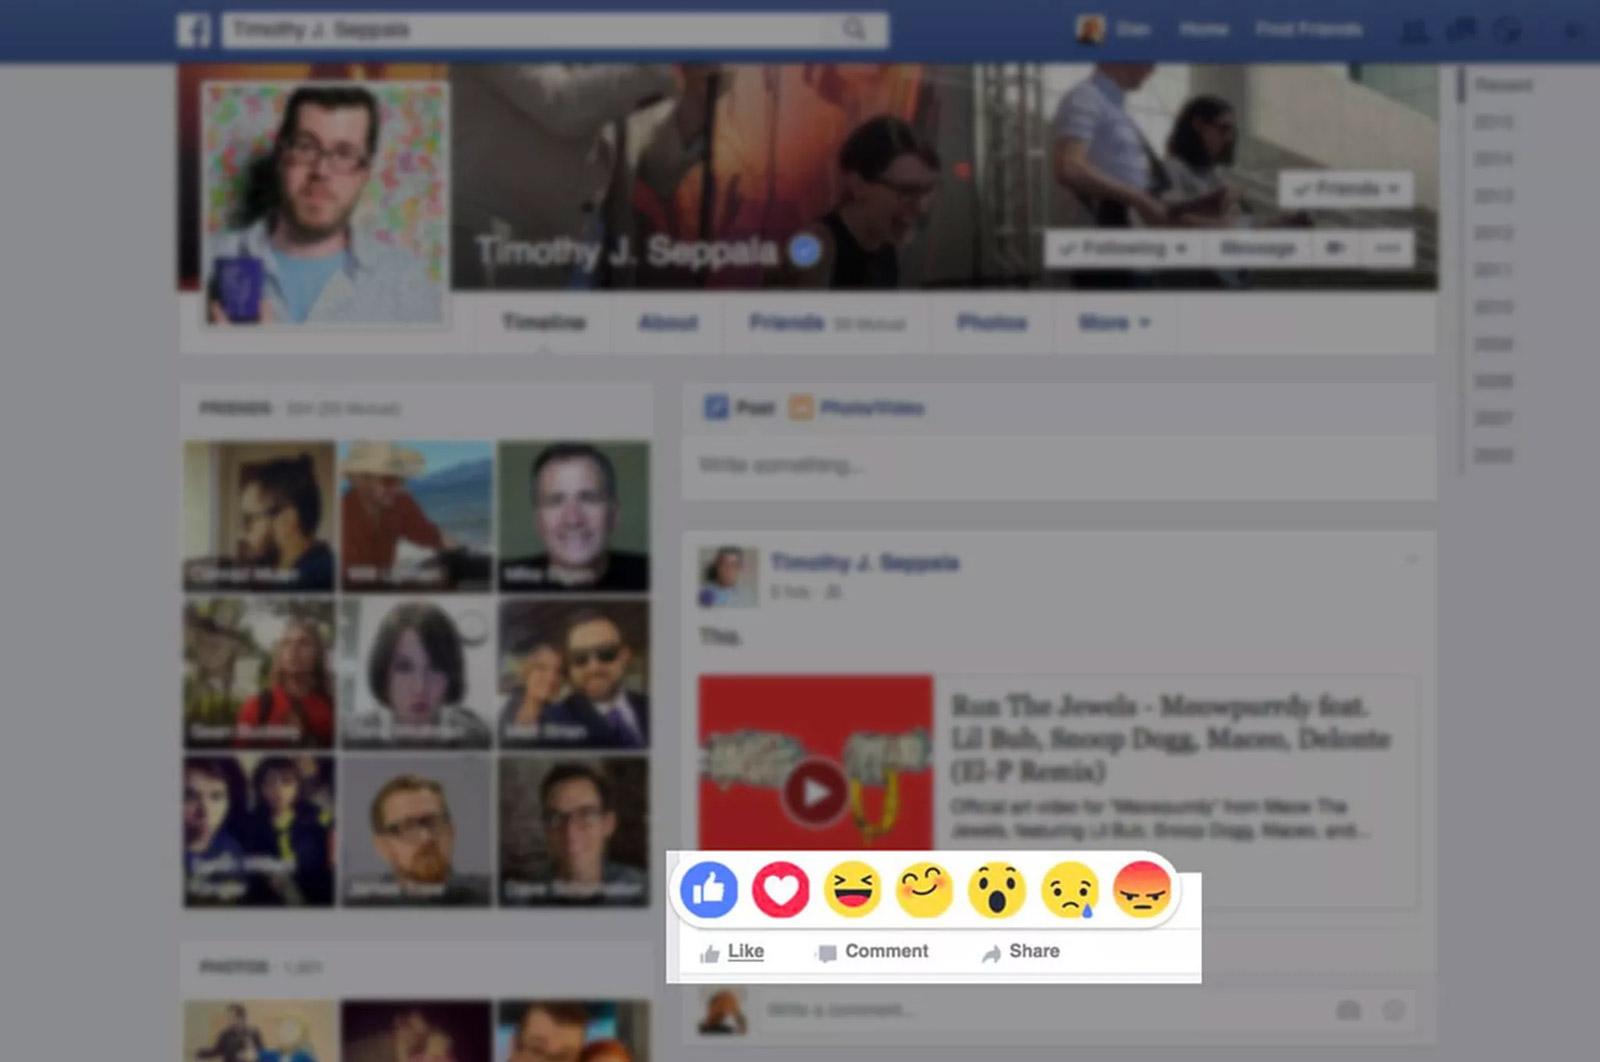 Ce à quoi pourrait ressembler les réactions sur Facebook (Image: Engadget ES).